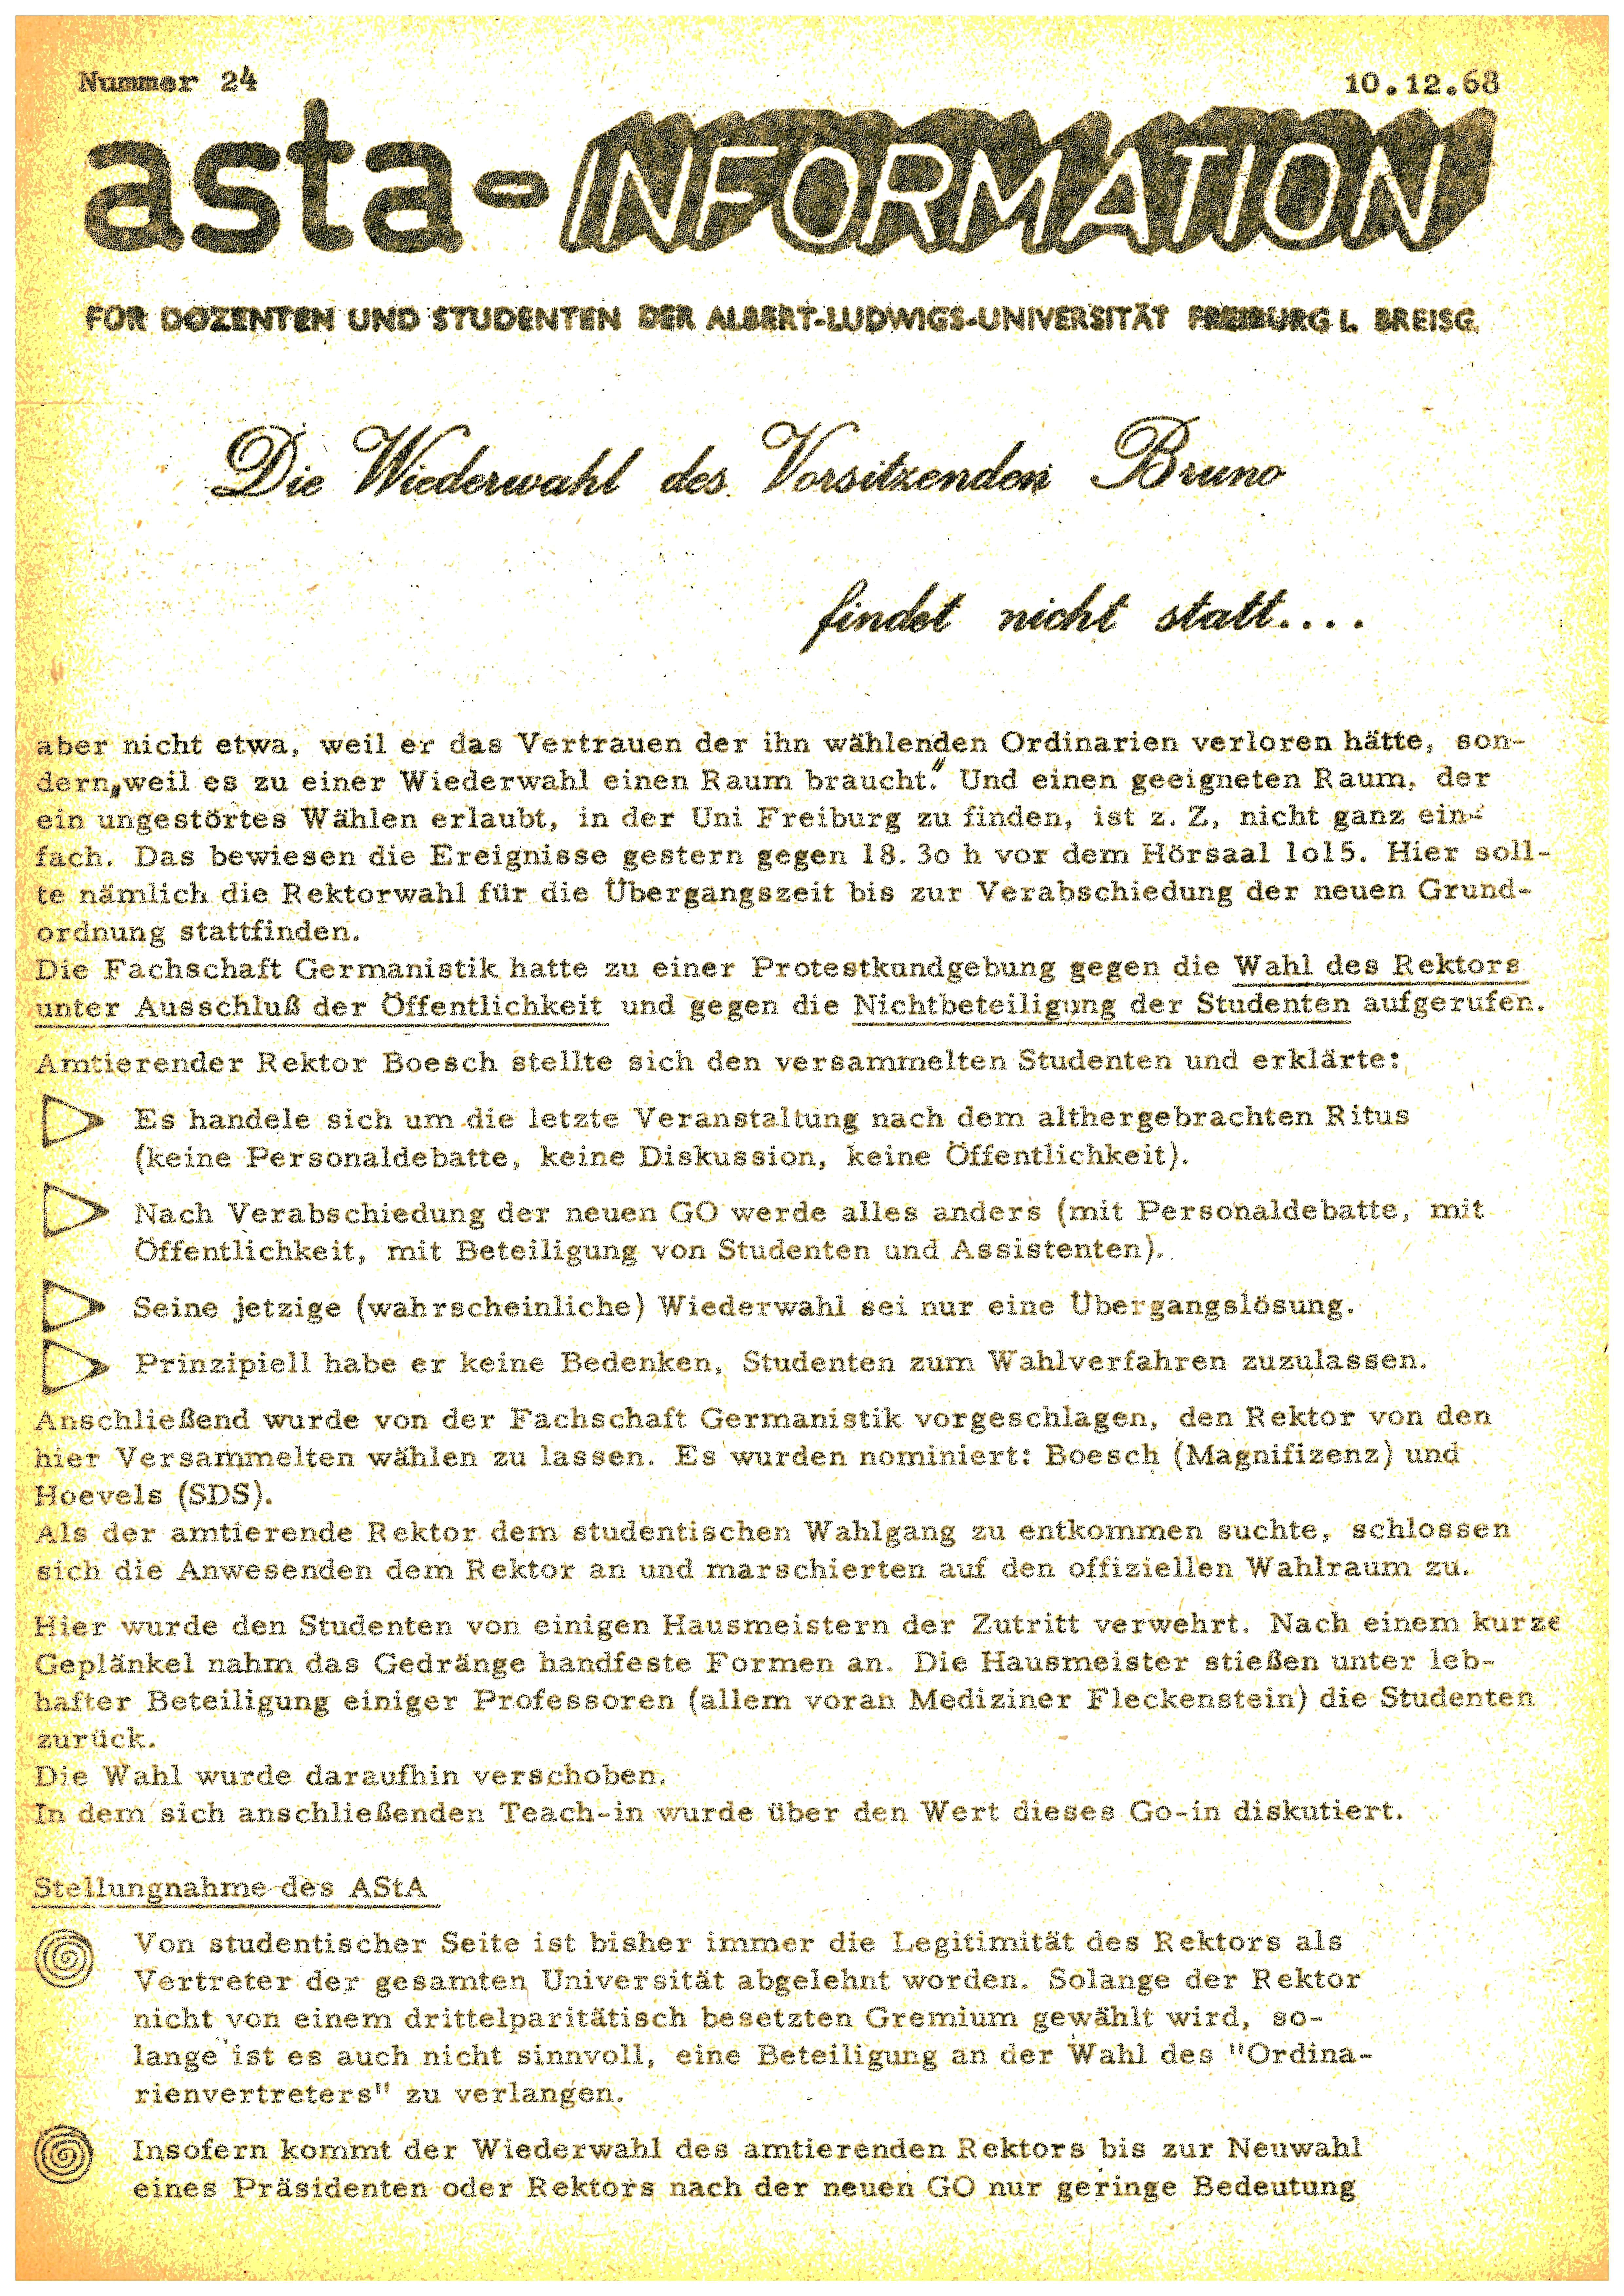 Abb. 3: UAF B47/259. asta-Information für Dozenten und Studenten Nummer 24, 10.12.1968 (Seite 1)